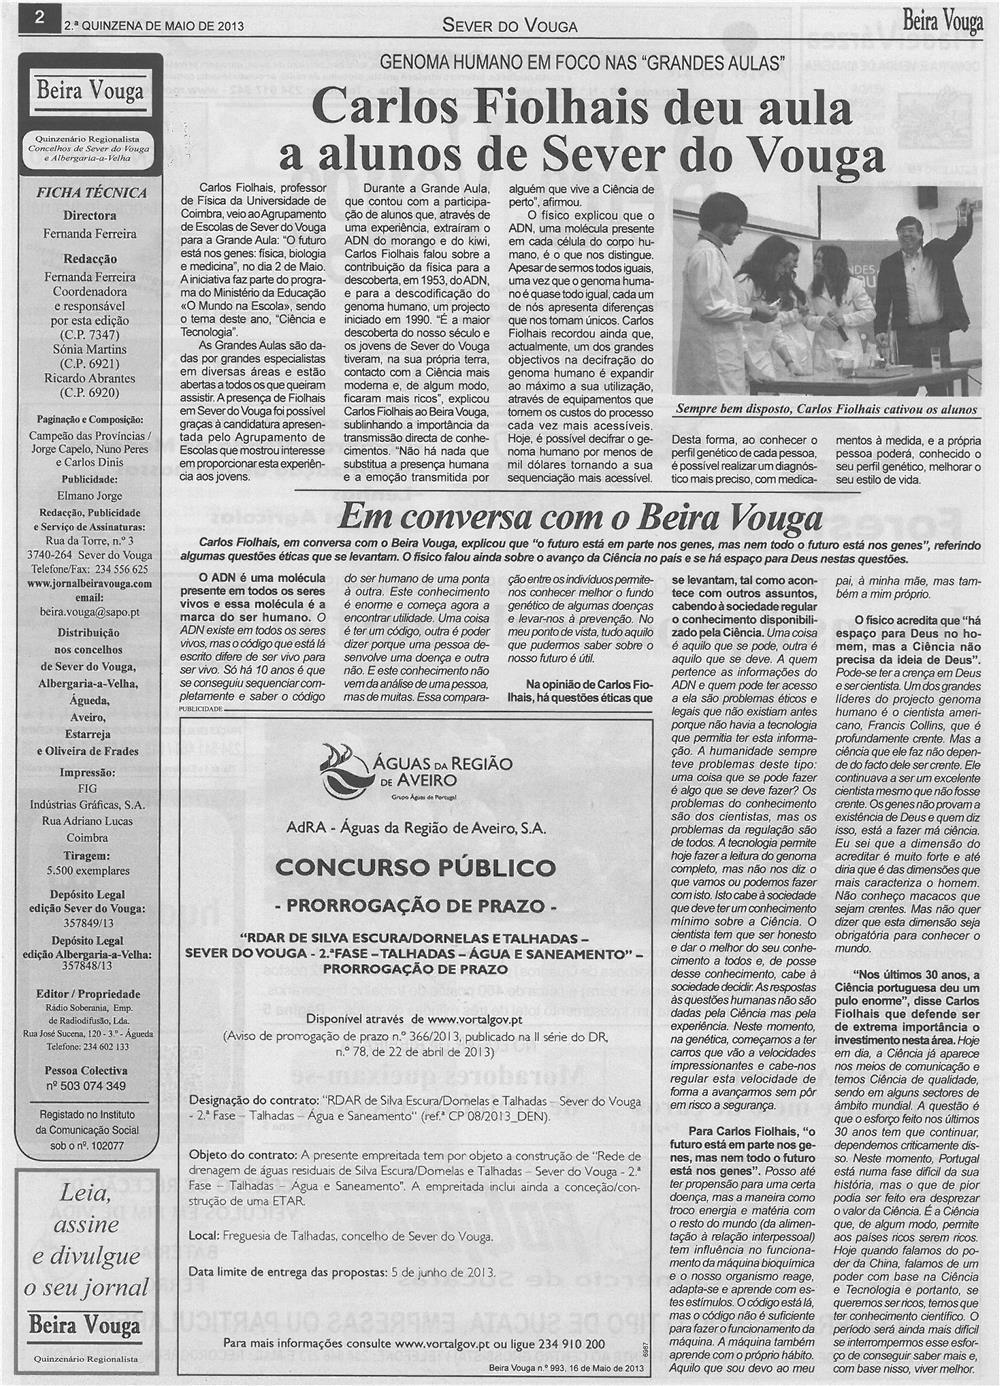 BV-2ªmaio13-p2-Carlos Fiolhais deu aula a alunos de Sever do Vouga